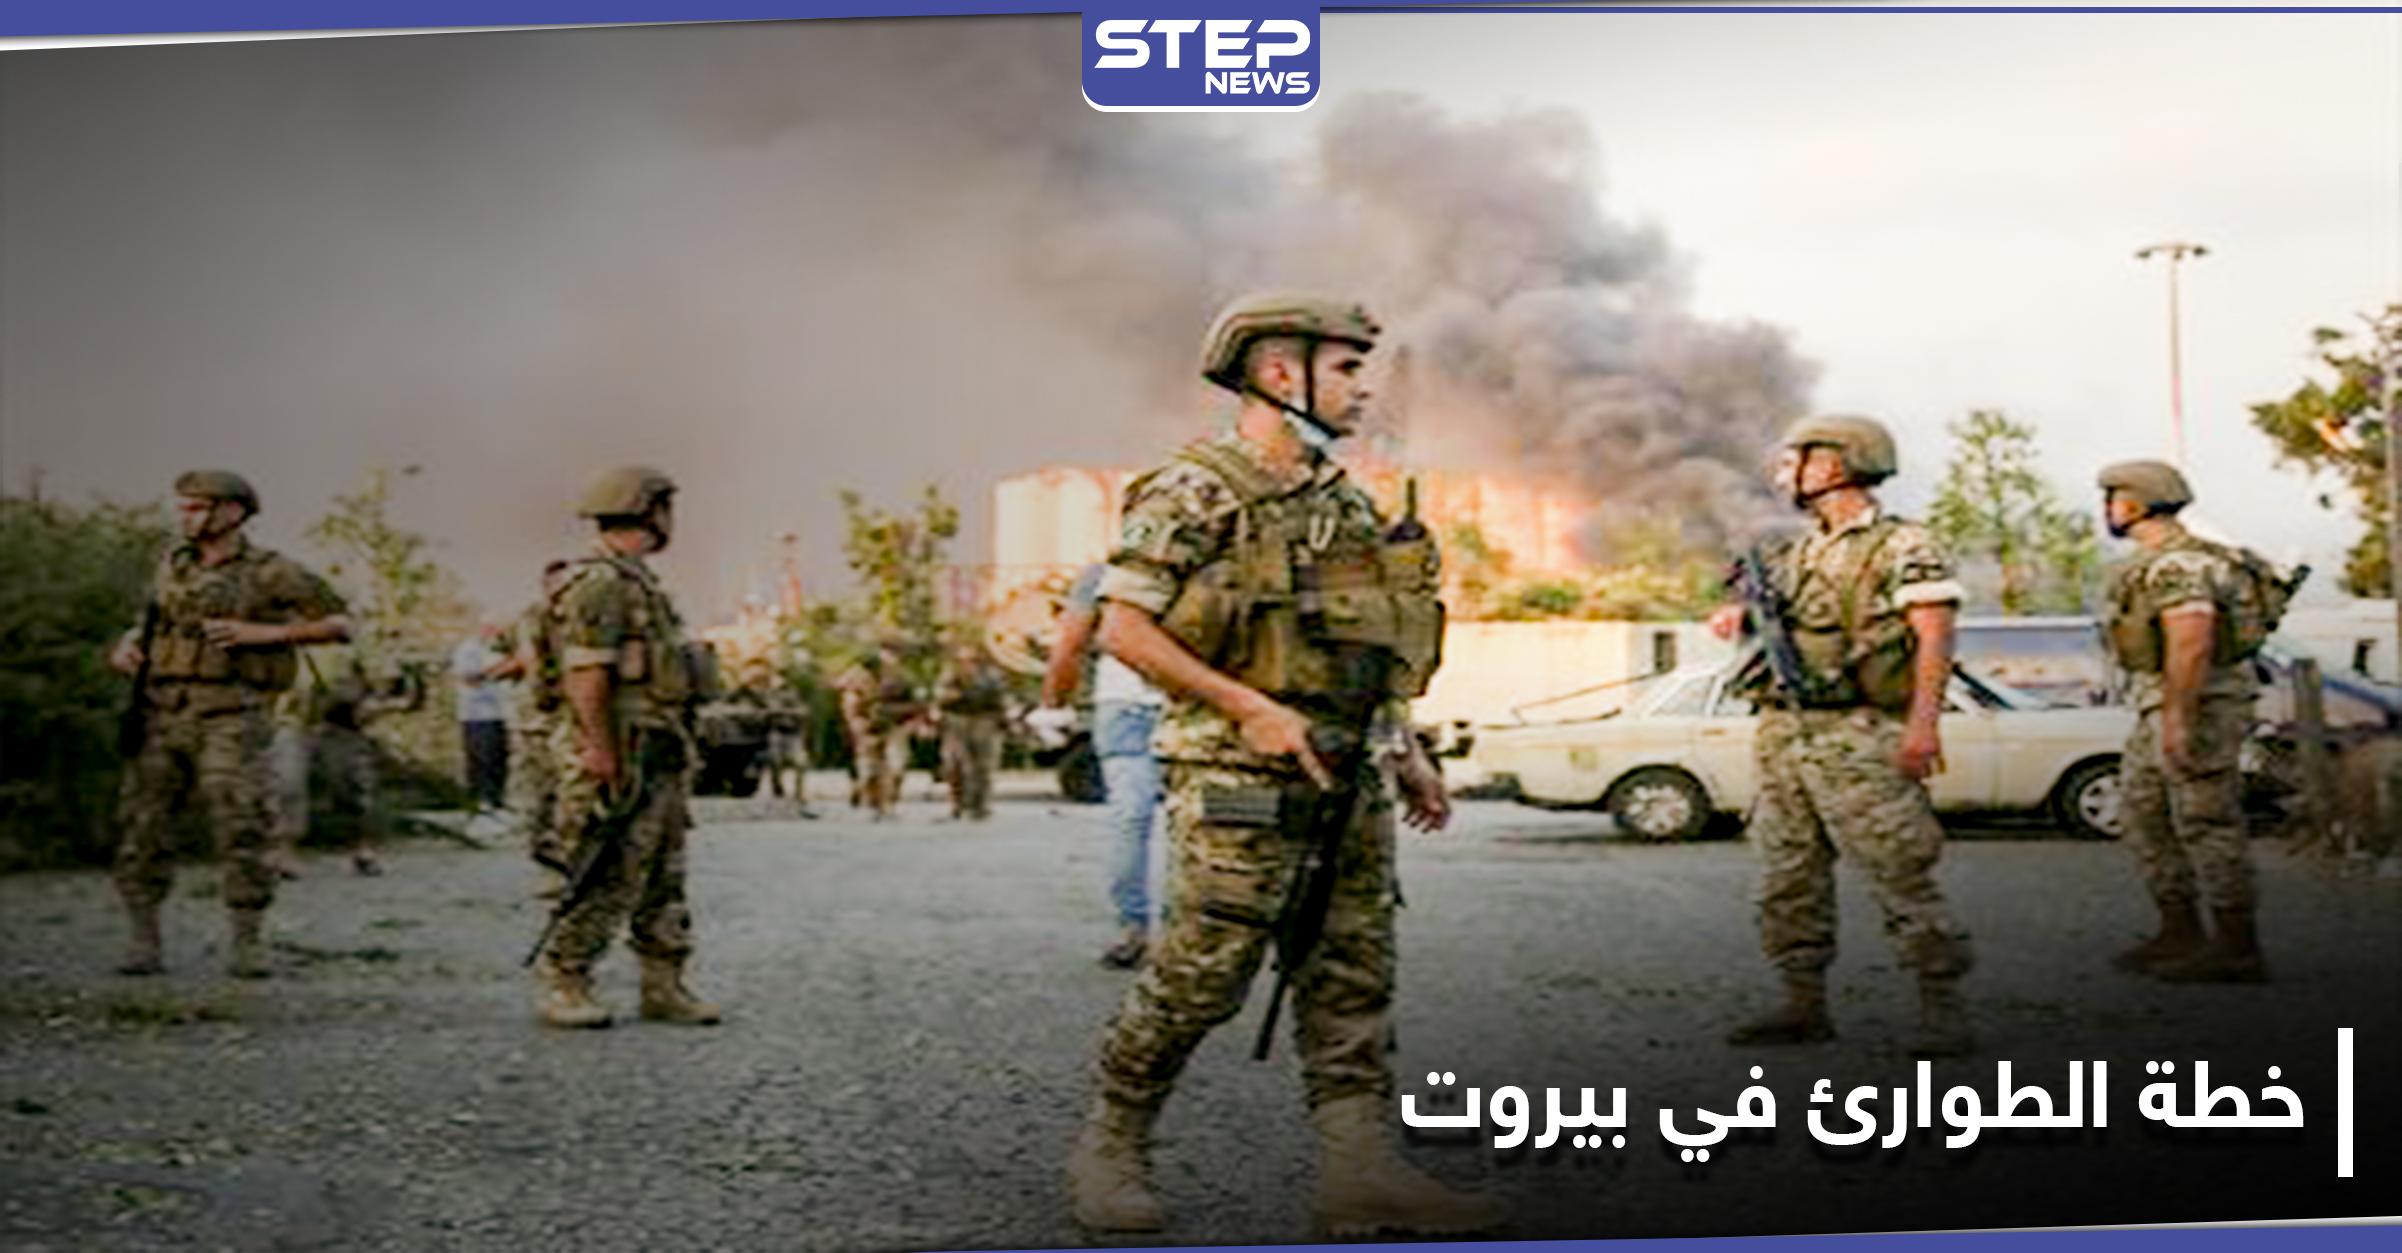 بالفيديو || هذه صلاحيات الجيش عقب إعلان حالة الطوارئ في بيروت.. ونائب يهاجم نصر الله علناً